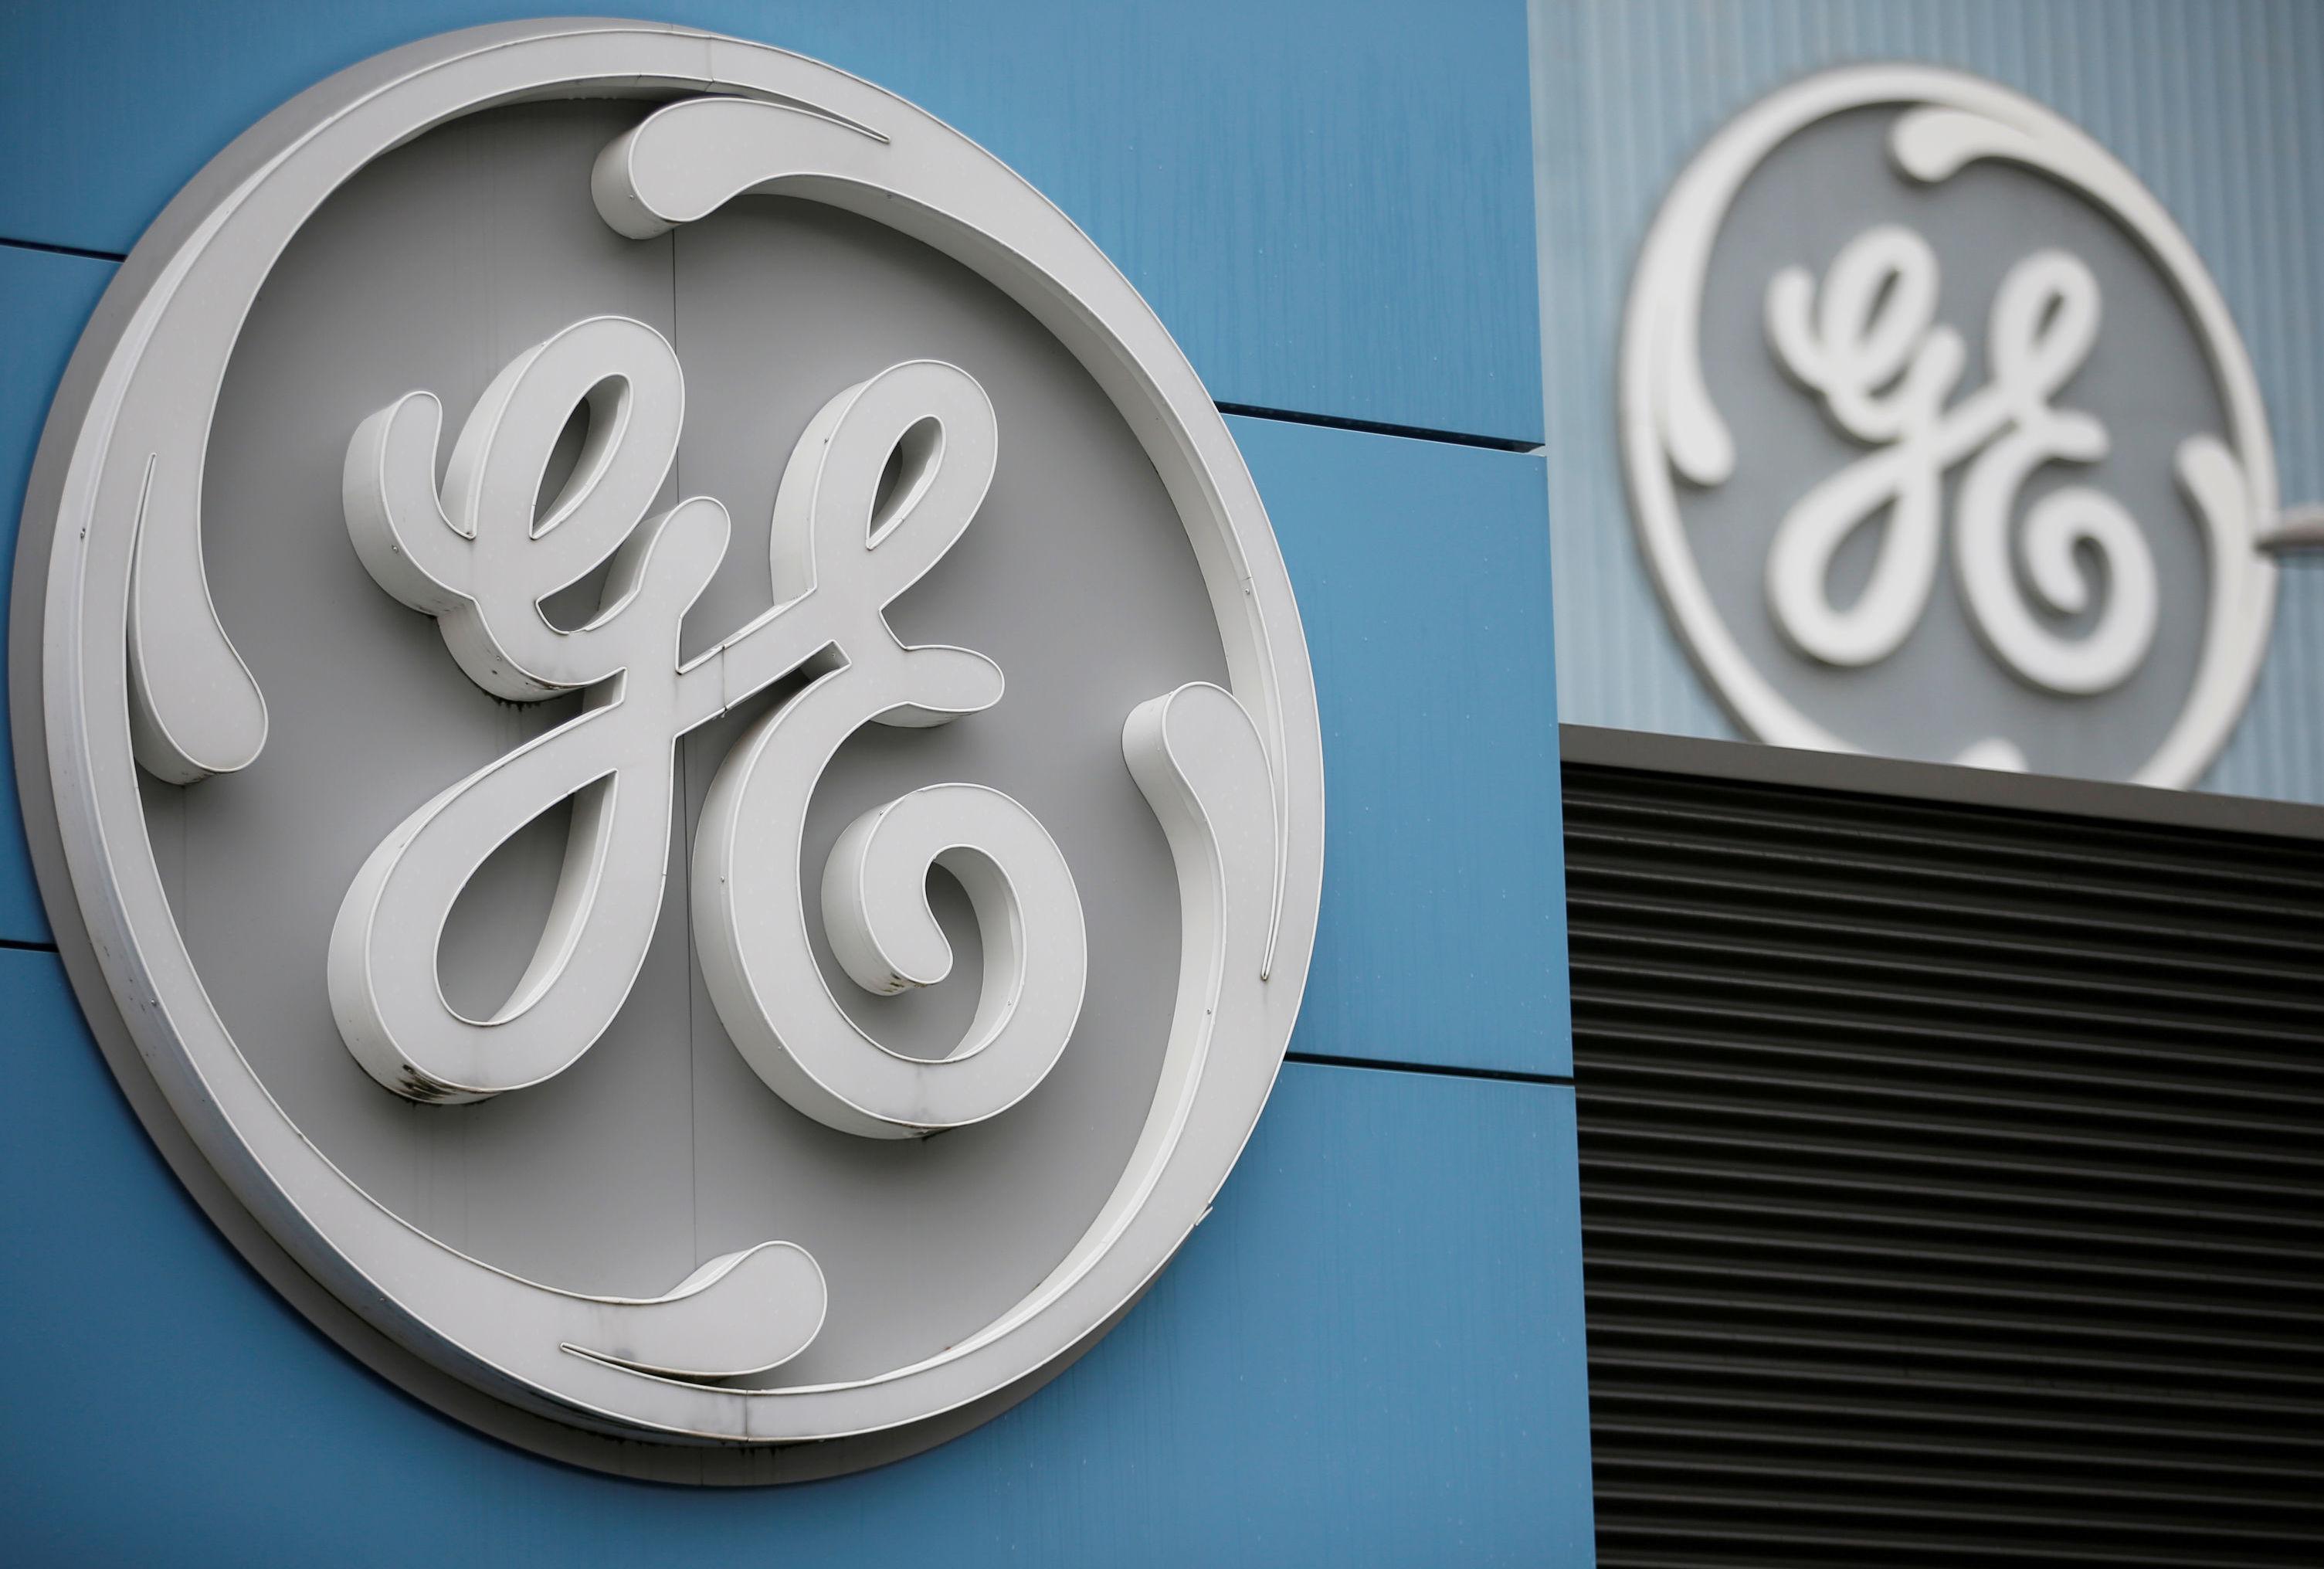 Logotipo do conglomerado norte-americano General Electric, que participou da construção de míssil do tipo V-2, na década de 40